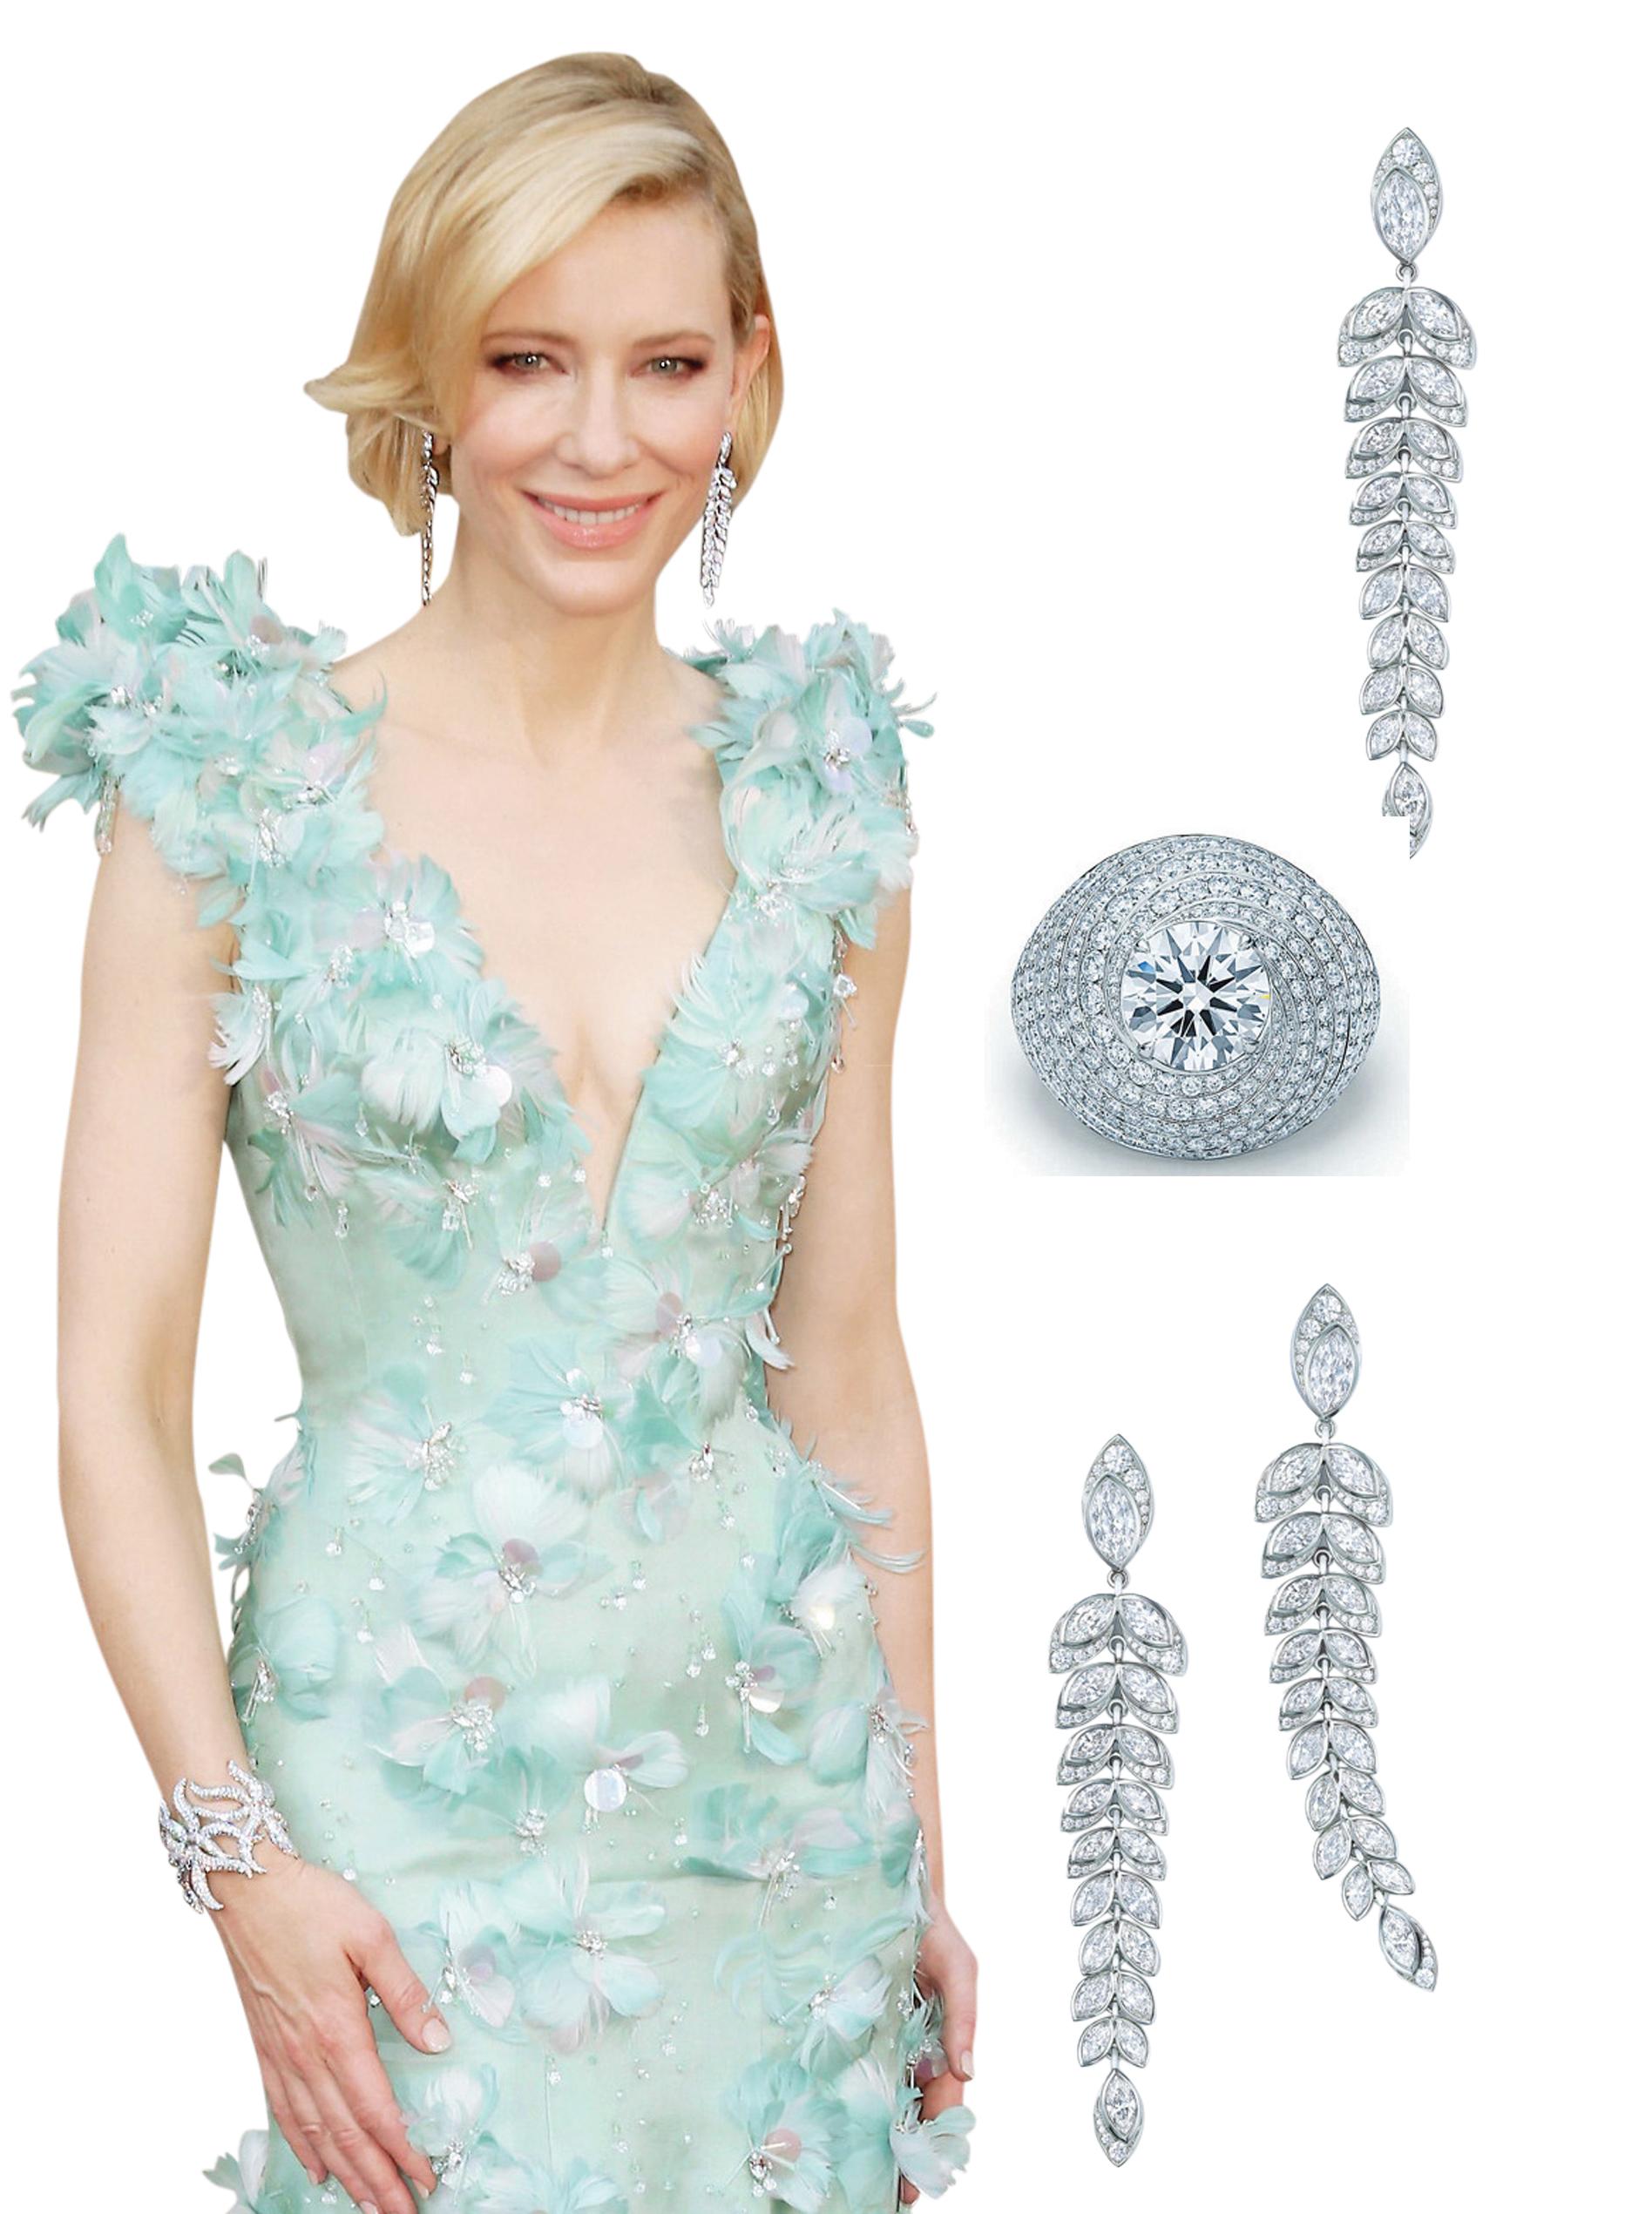 Binar Biru Tiffany & Co Menghiasi Penampilan Cate Blanchett di Academy Awards 2016